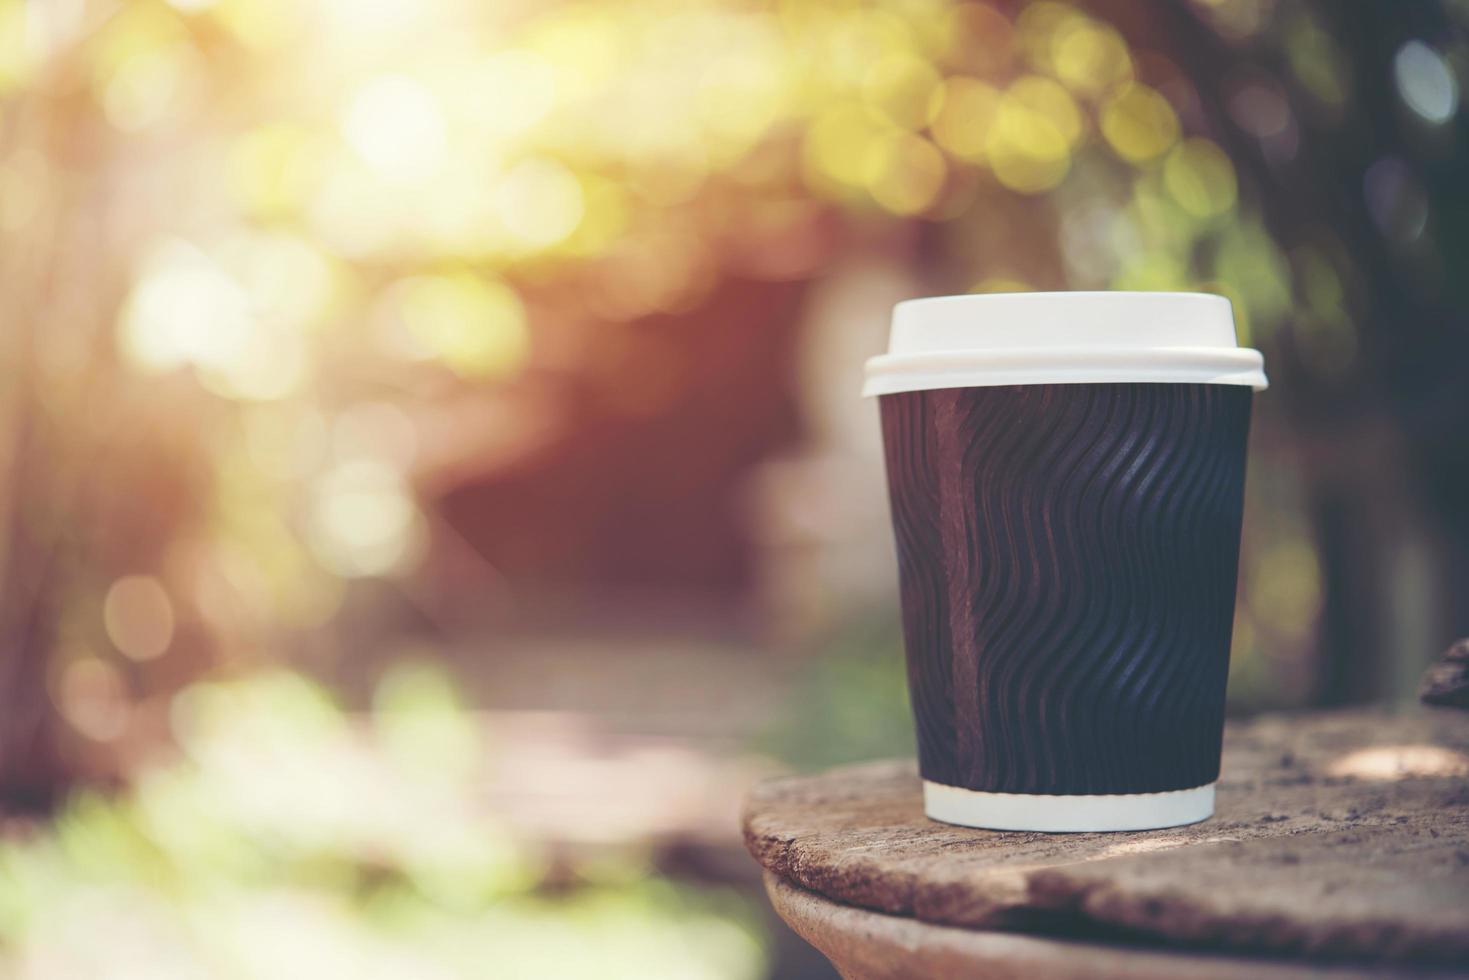 papieren kopje koffie op natuurlijke ochtend achtergrond foto